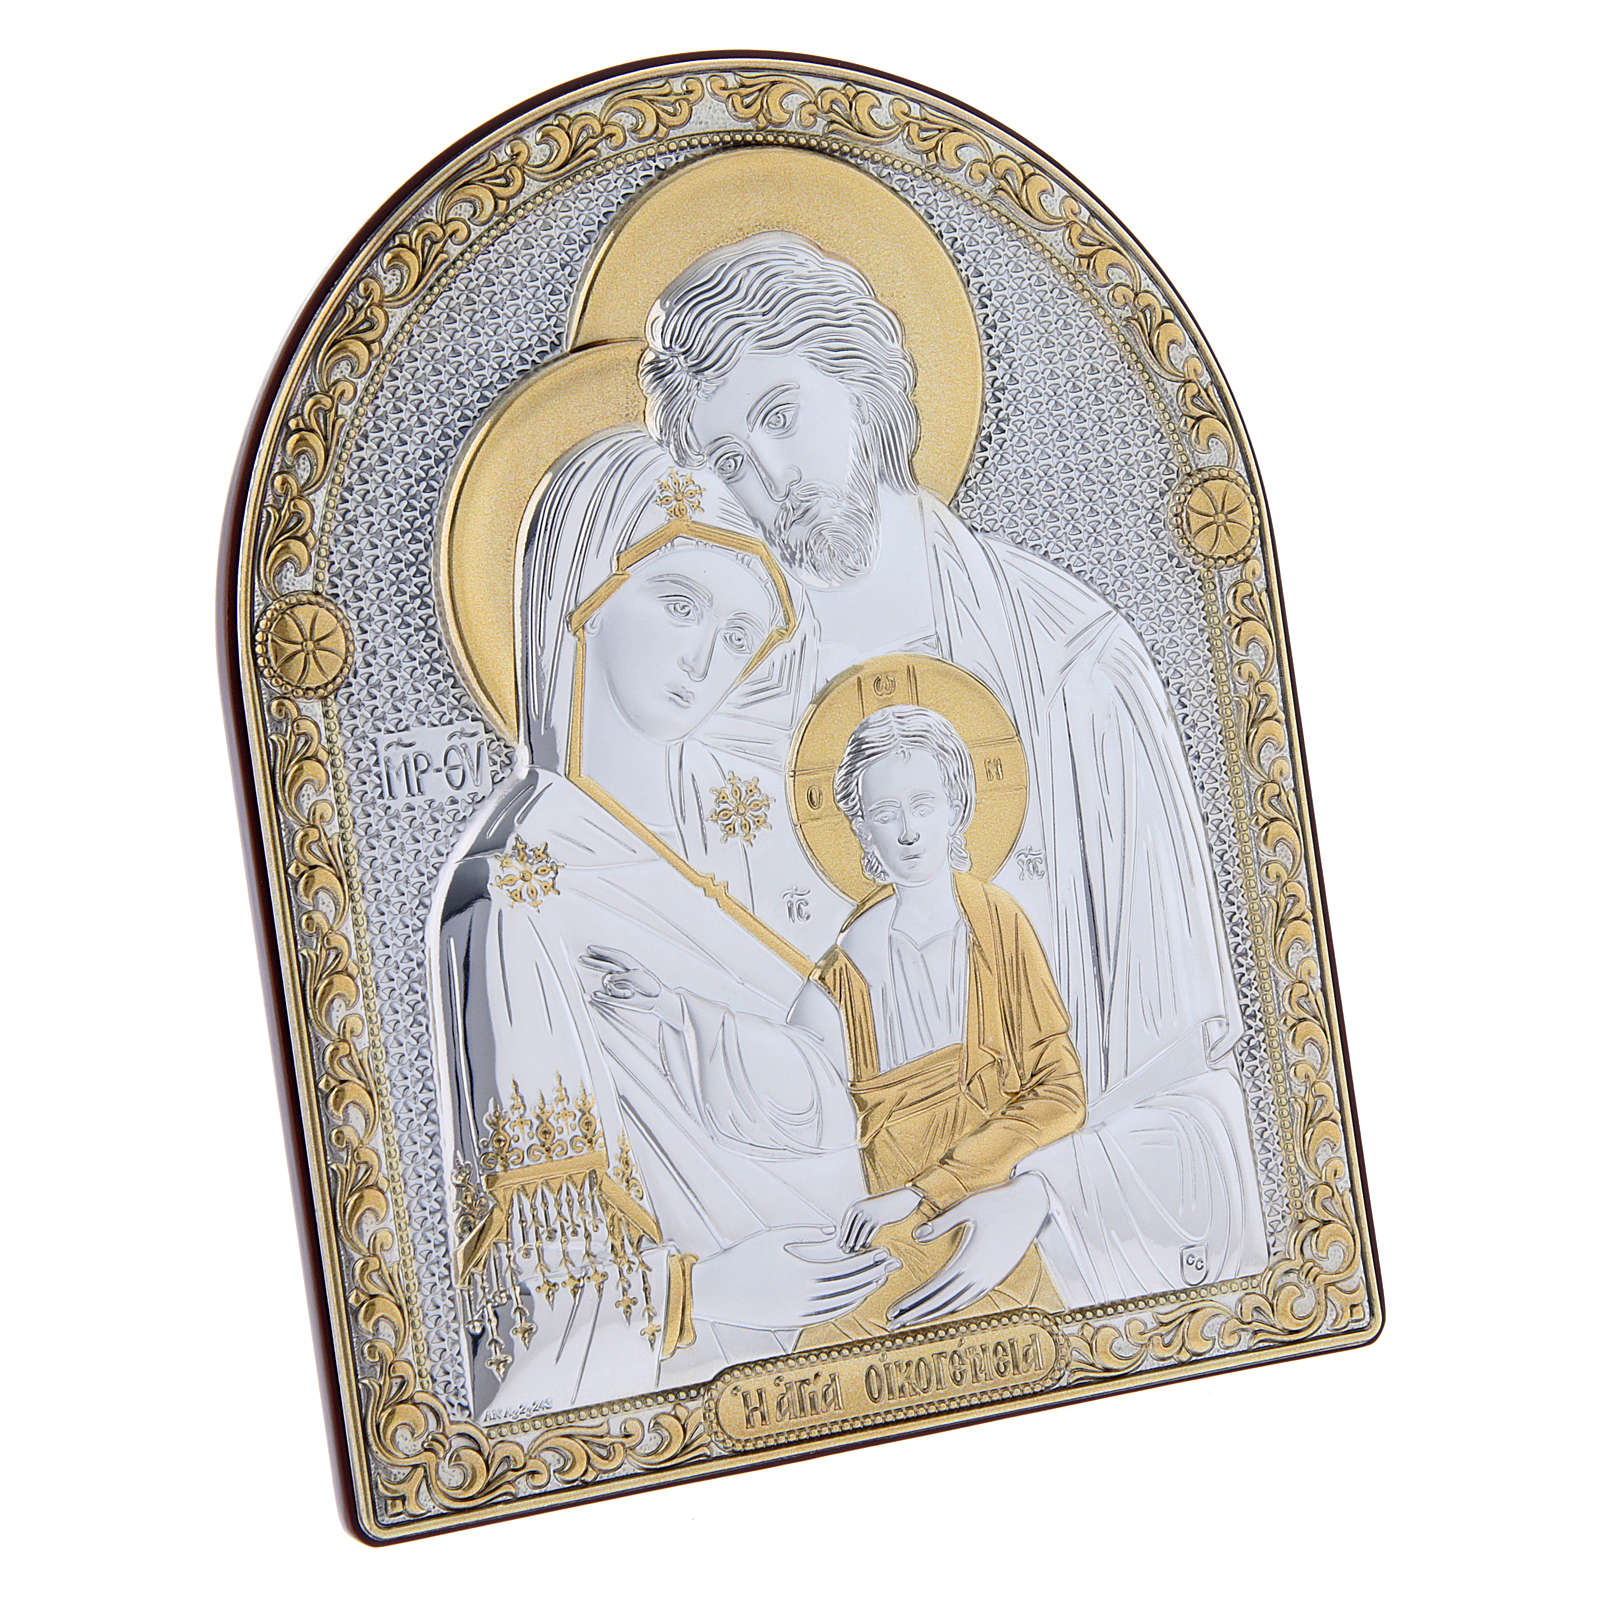 Quadro bilaminato retro legno pregiato finiture oro Sacra Famiglia 16,7X13,6 cm 4